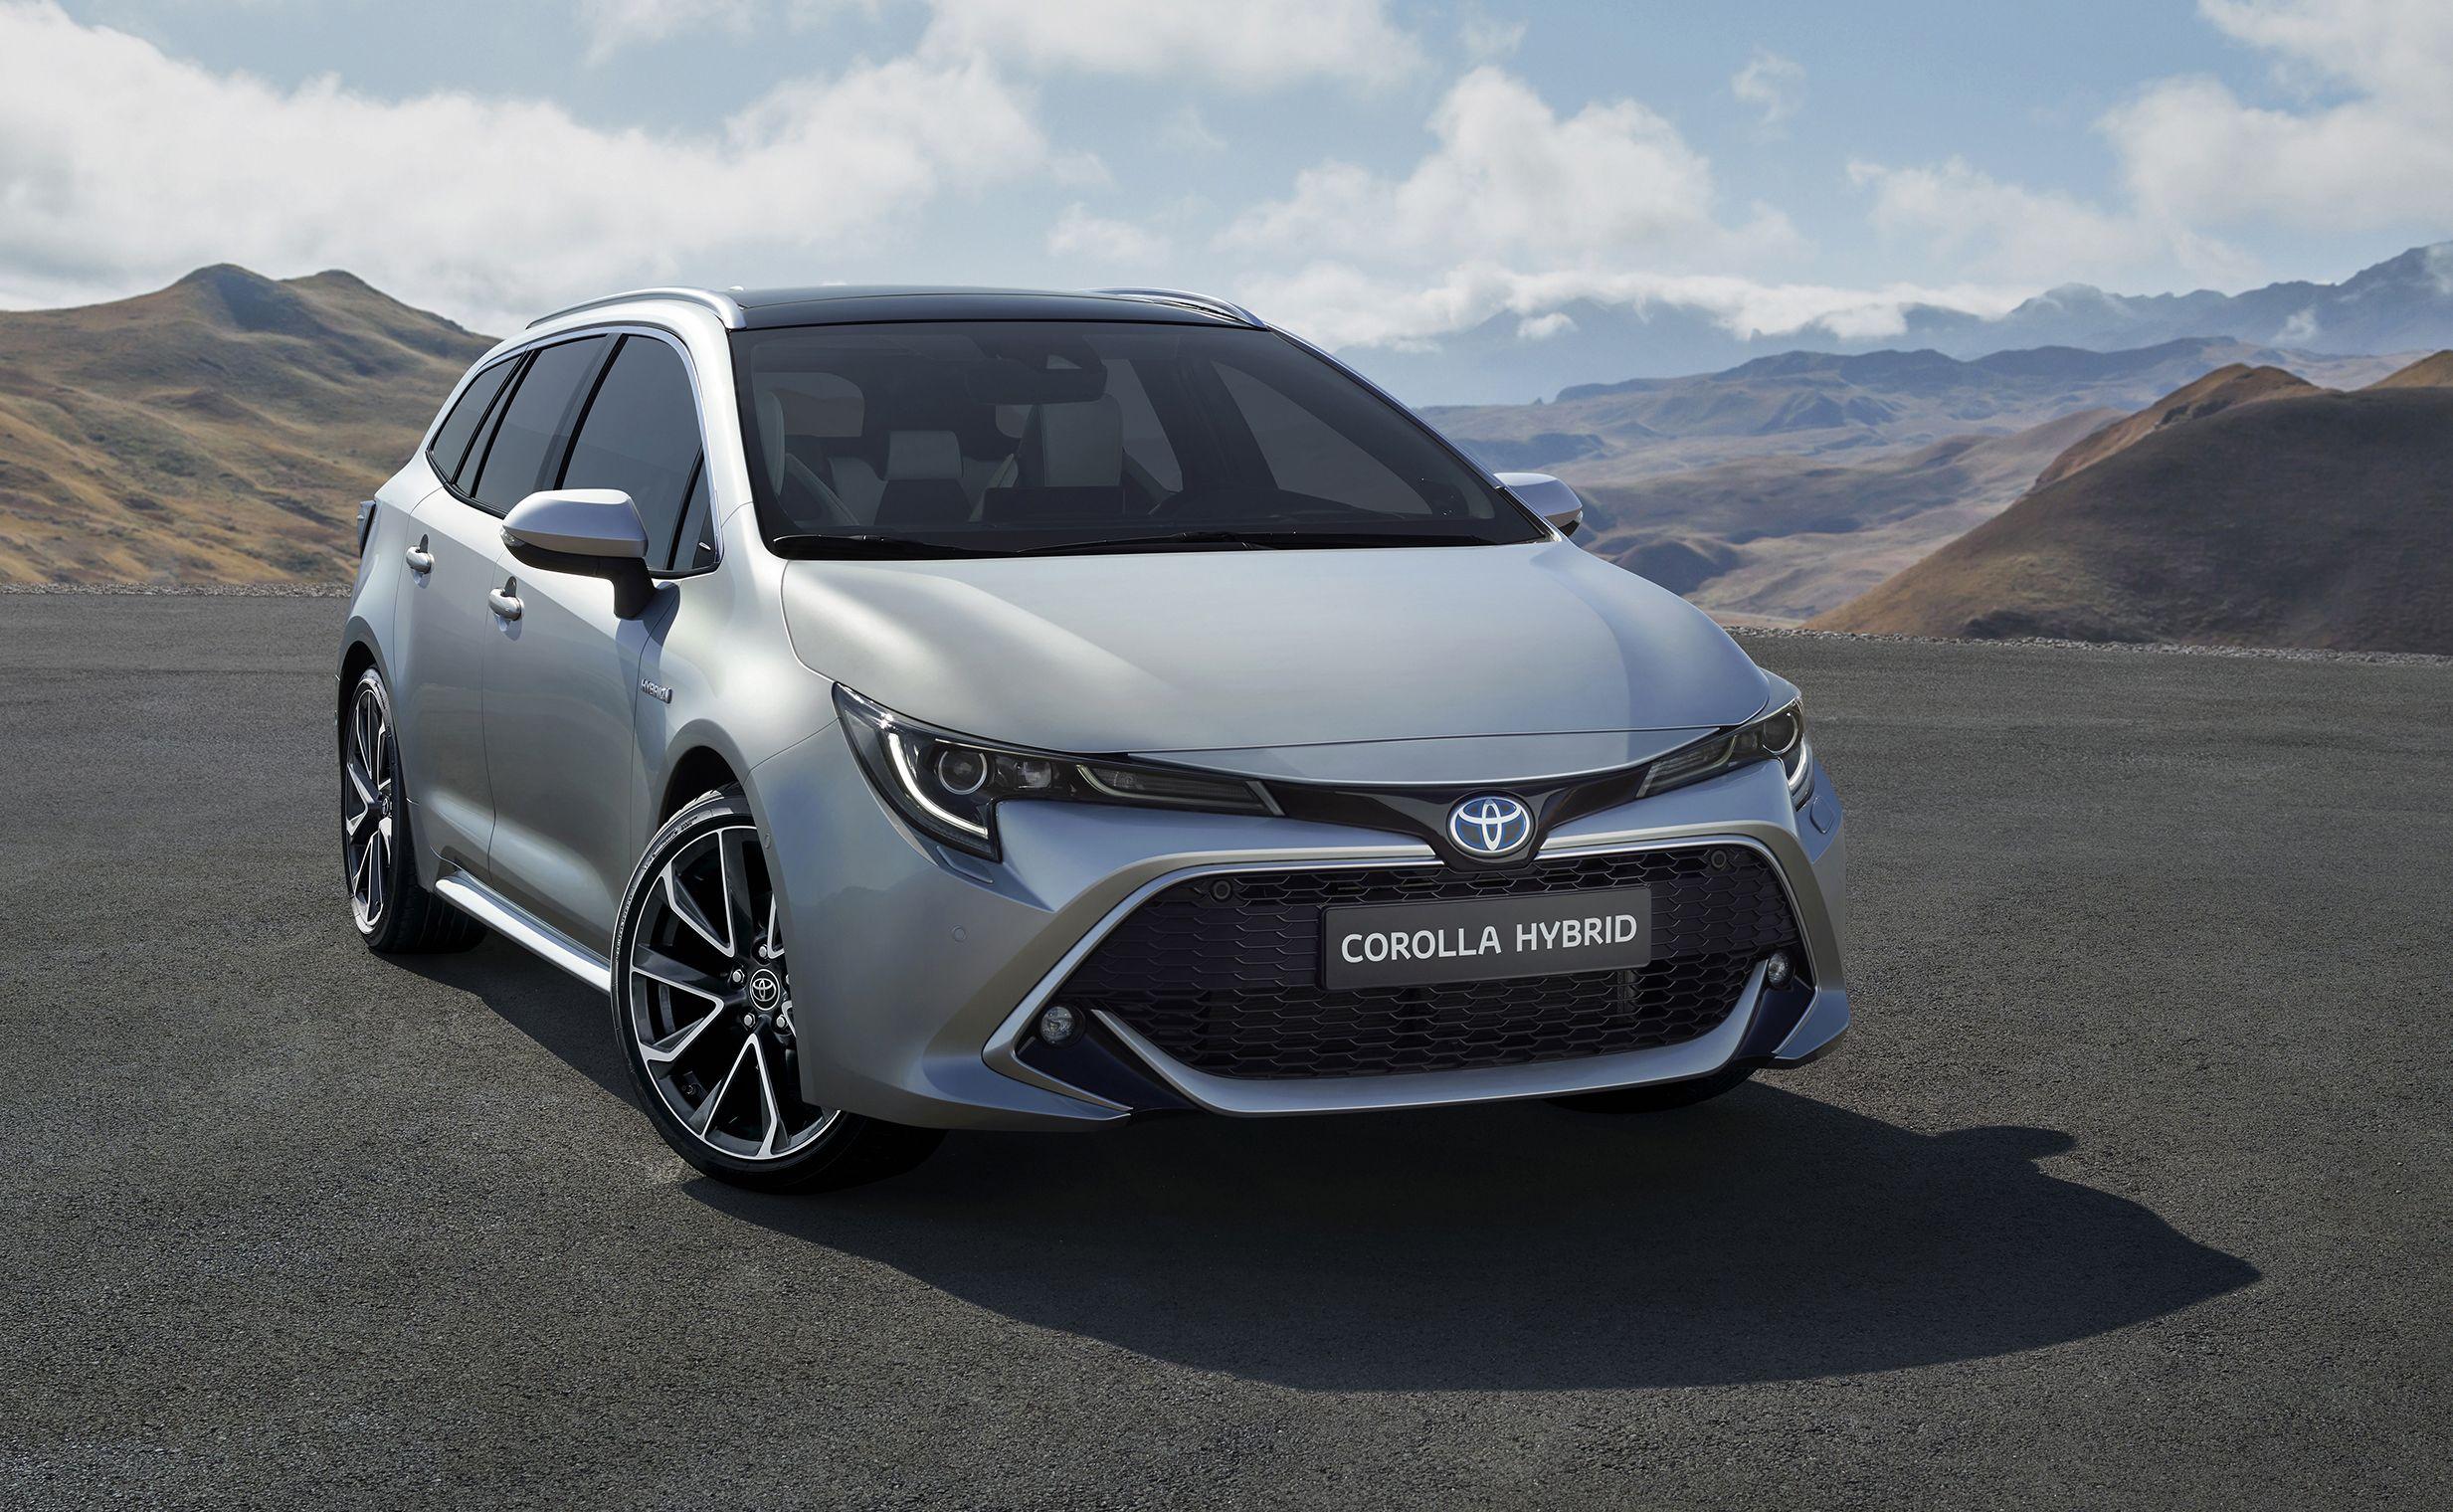 Toyota Corolla Touring Sports al Salone di Parigi 2018 - Anteprime